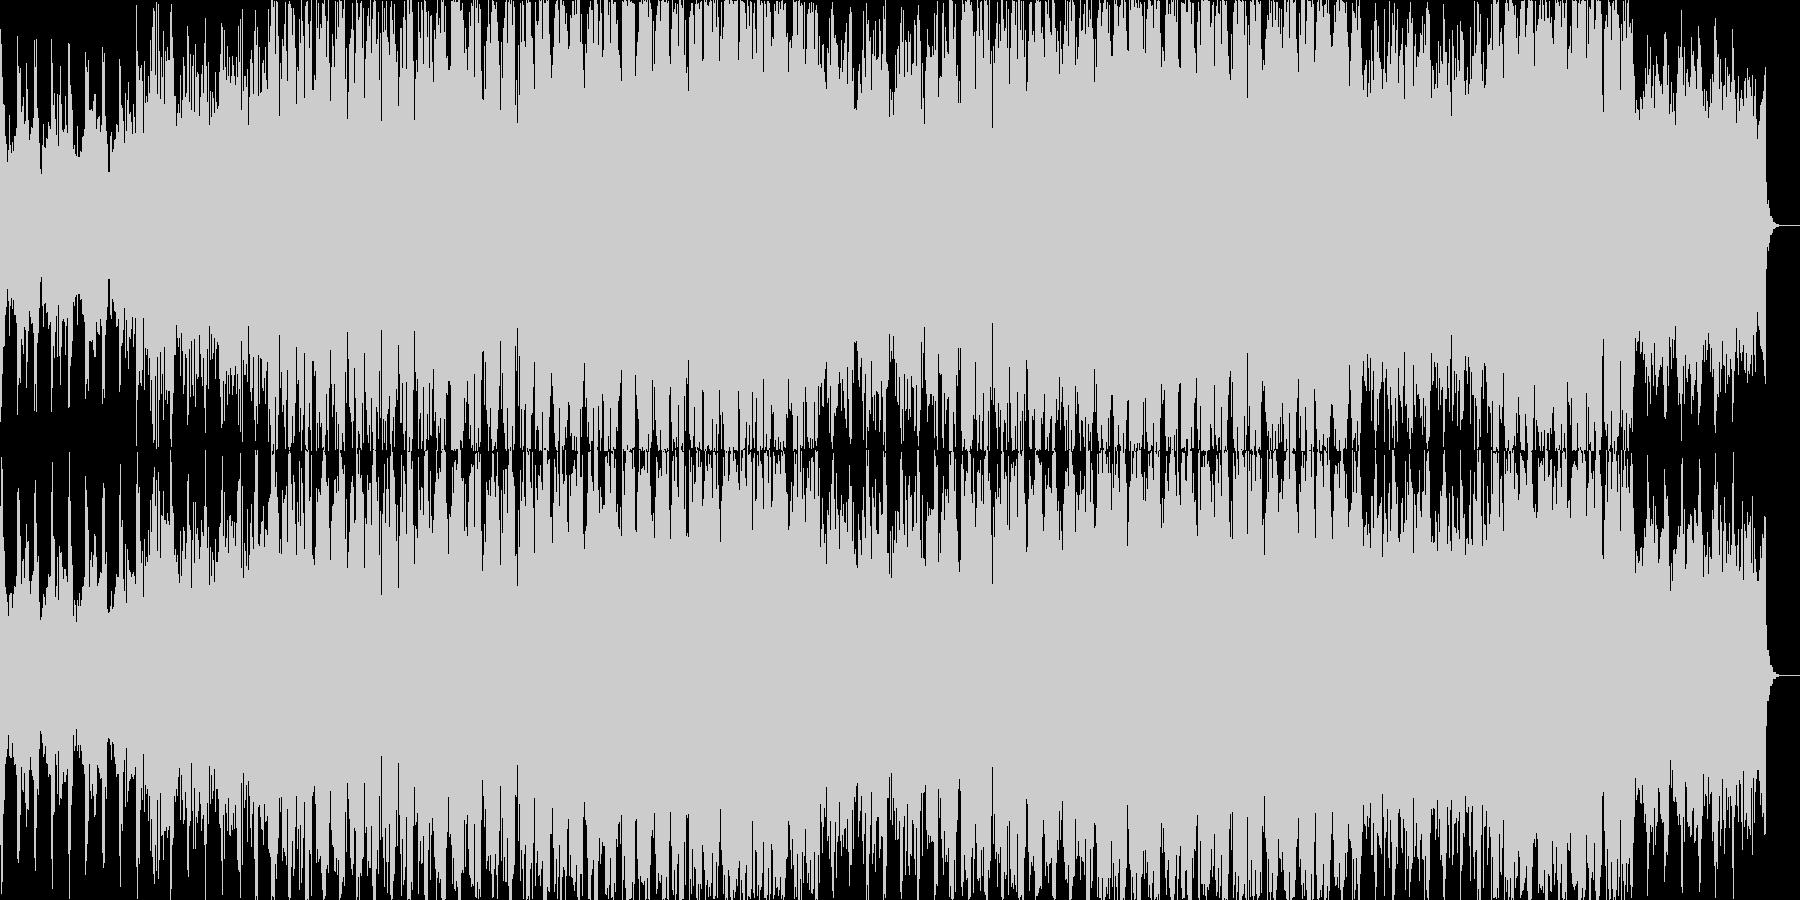 映画音楽、シネマティック映像向け-02の未再生の波形